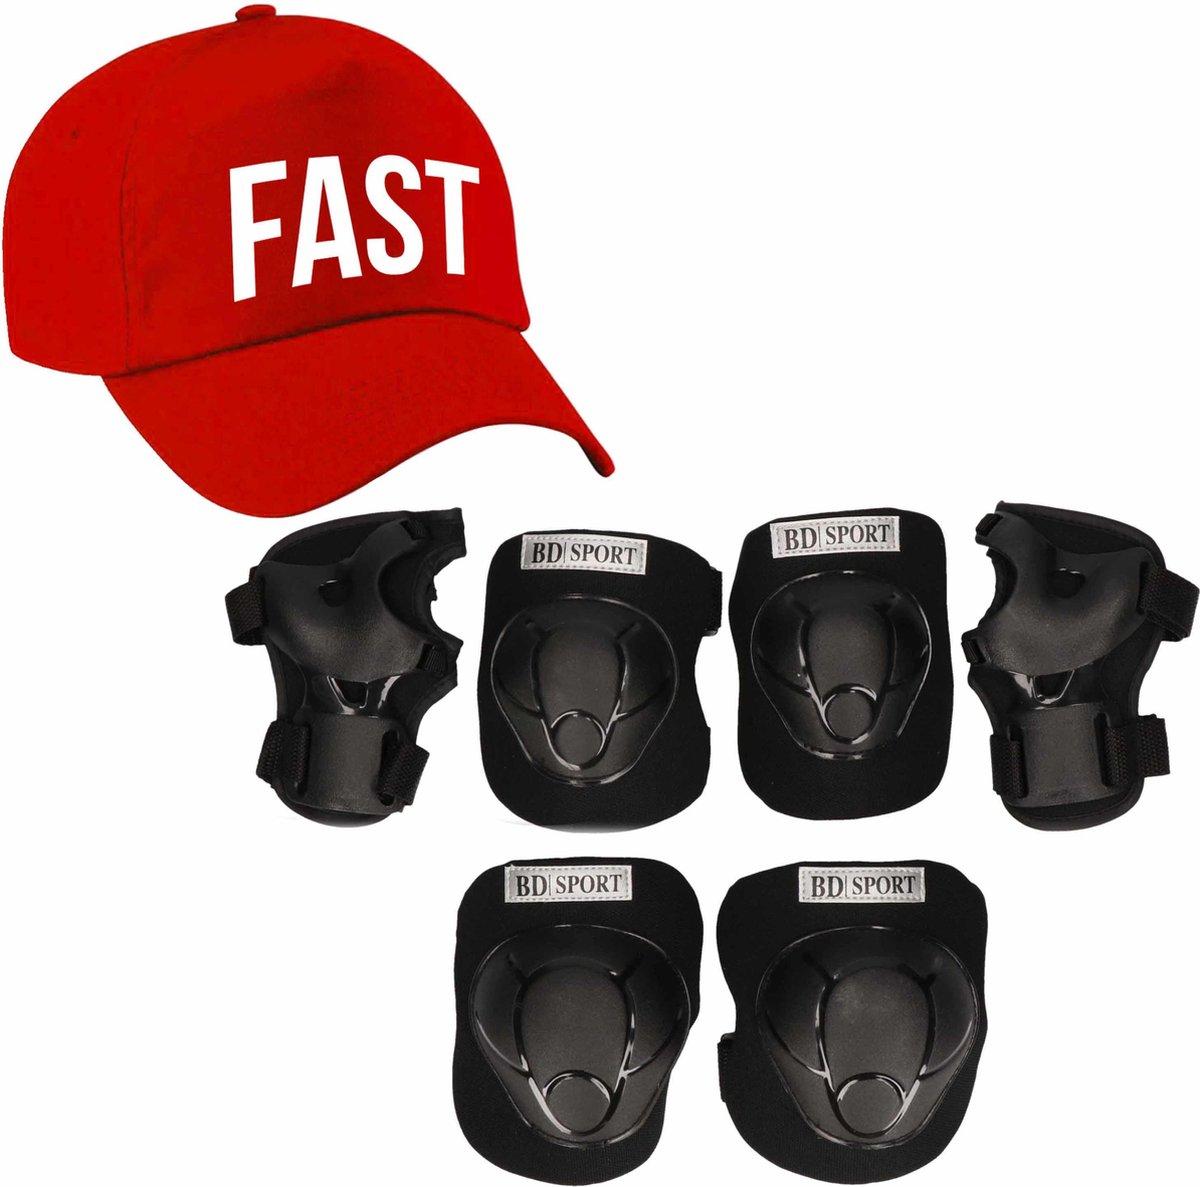 Set van valbescherming voor kinderen maat L / 9 tot 10 jaar met een stoere FAST pet rood